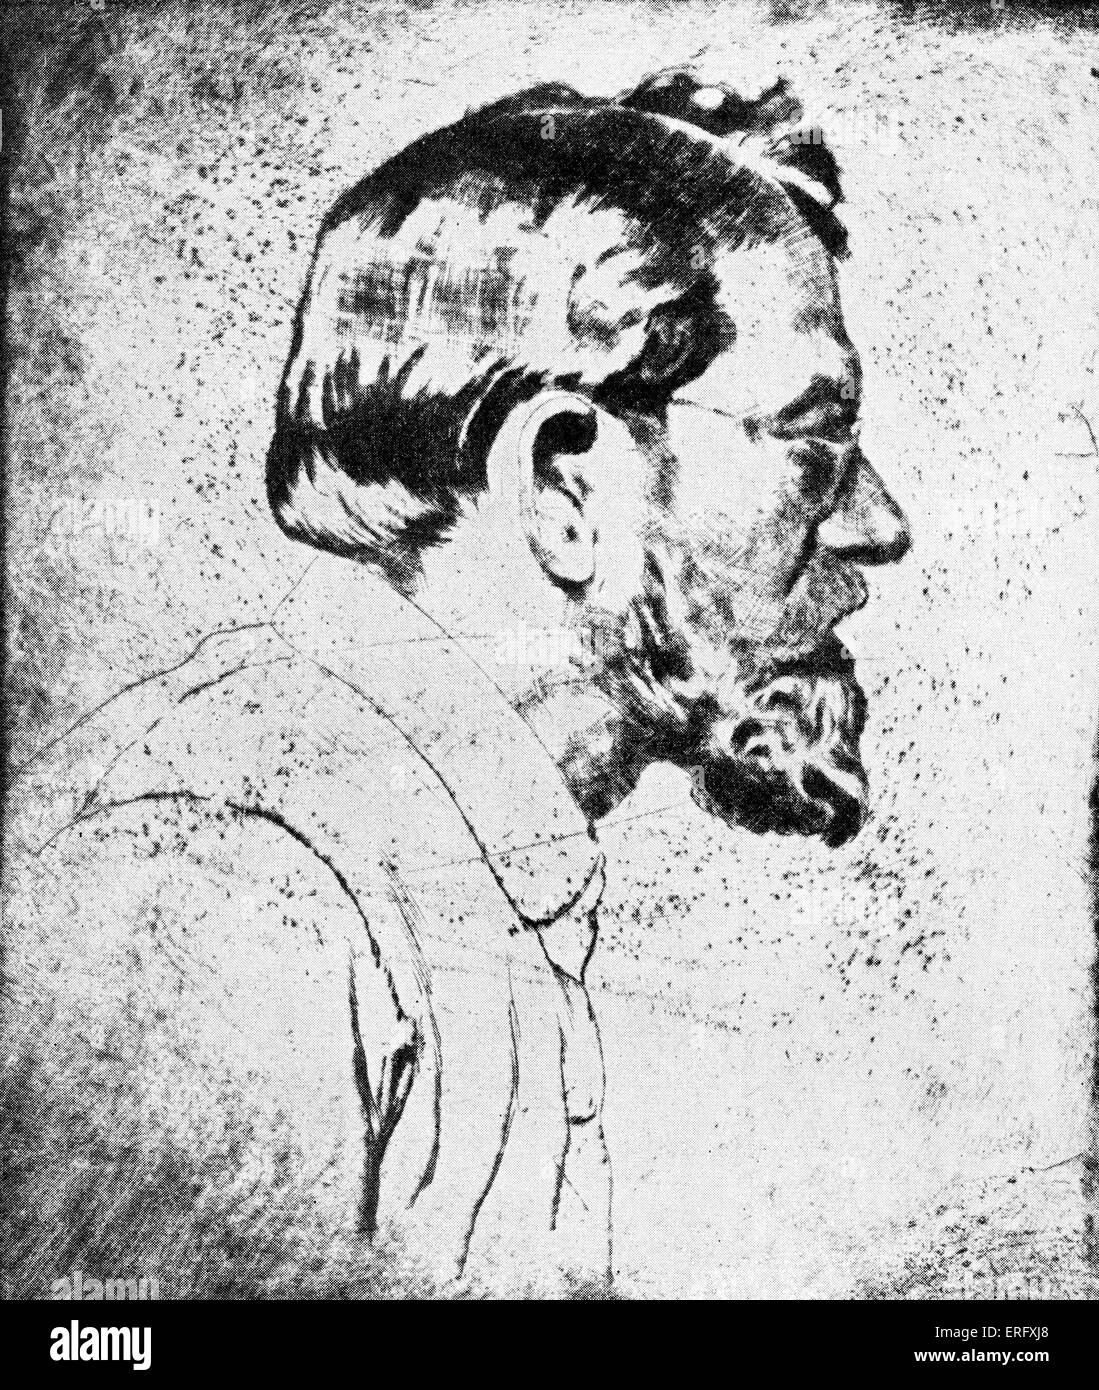 Emil Orlik - self-portrait dessiné en 1910. République tchèque, artiste graveur et lithographe: 21 juillet 1870 Banque D'Images